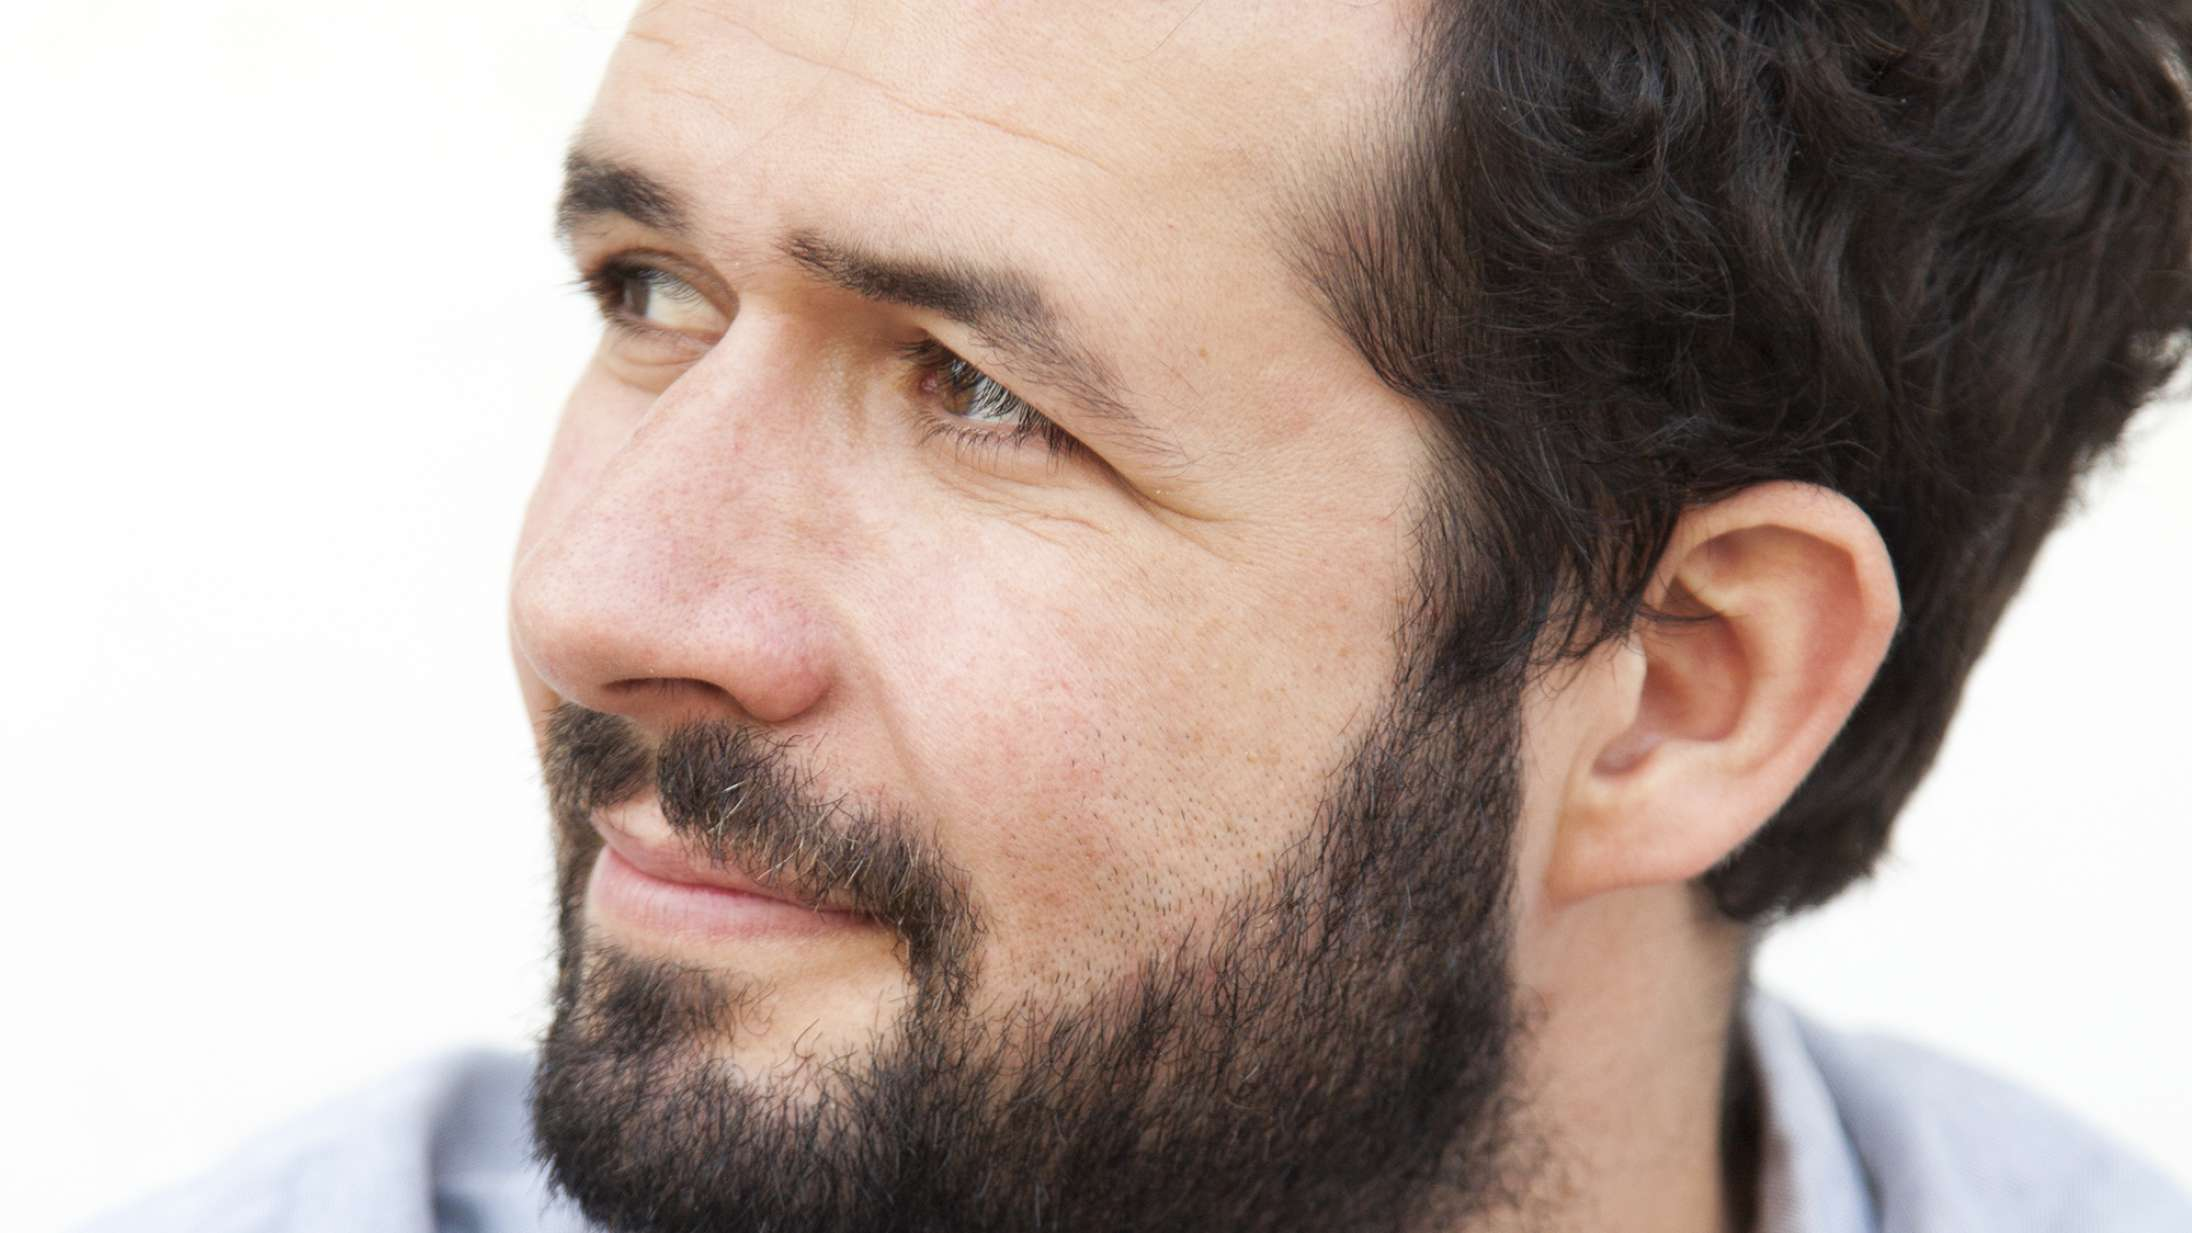 Dansk instruktør kom med i filmkunstens fineste selskab: »I min familie er Cannes det ypperste, man kan opnå«